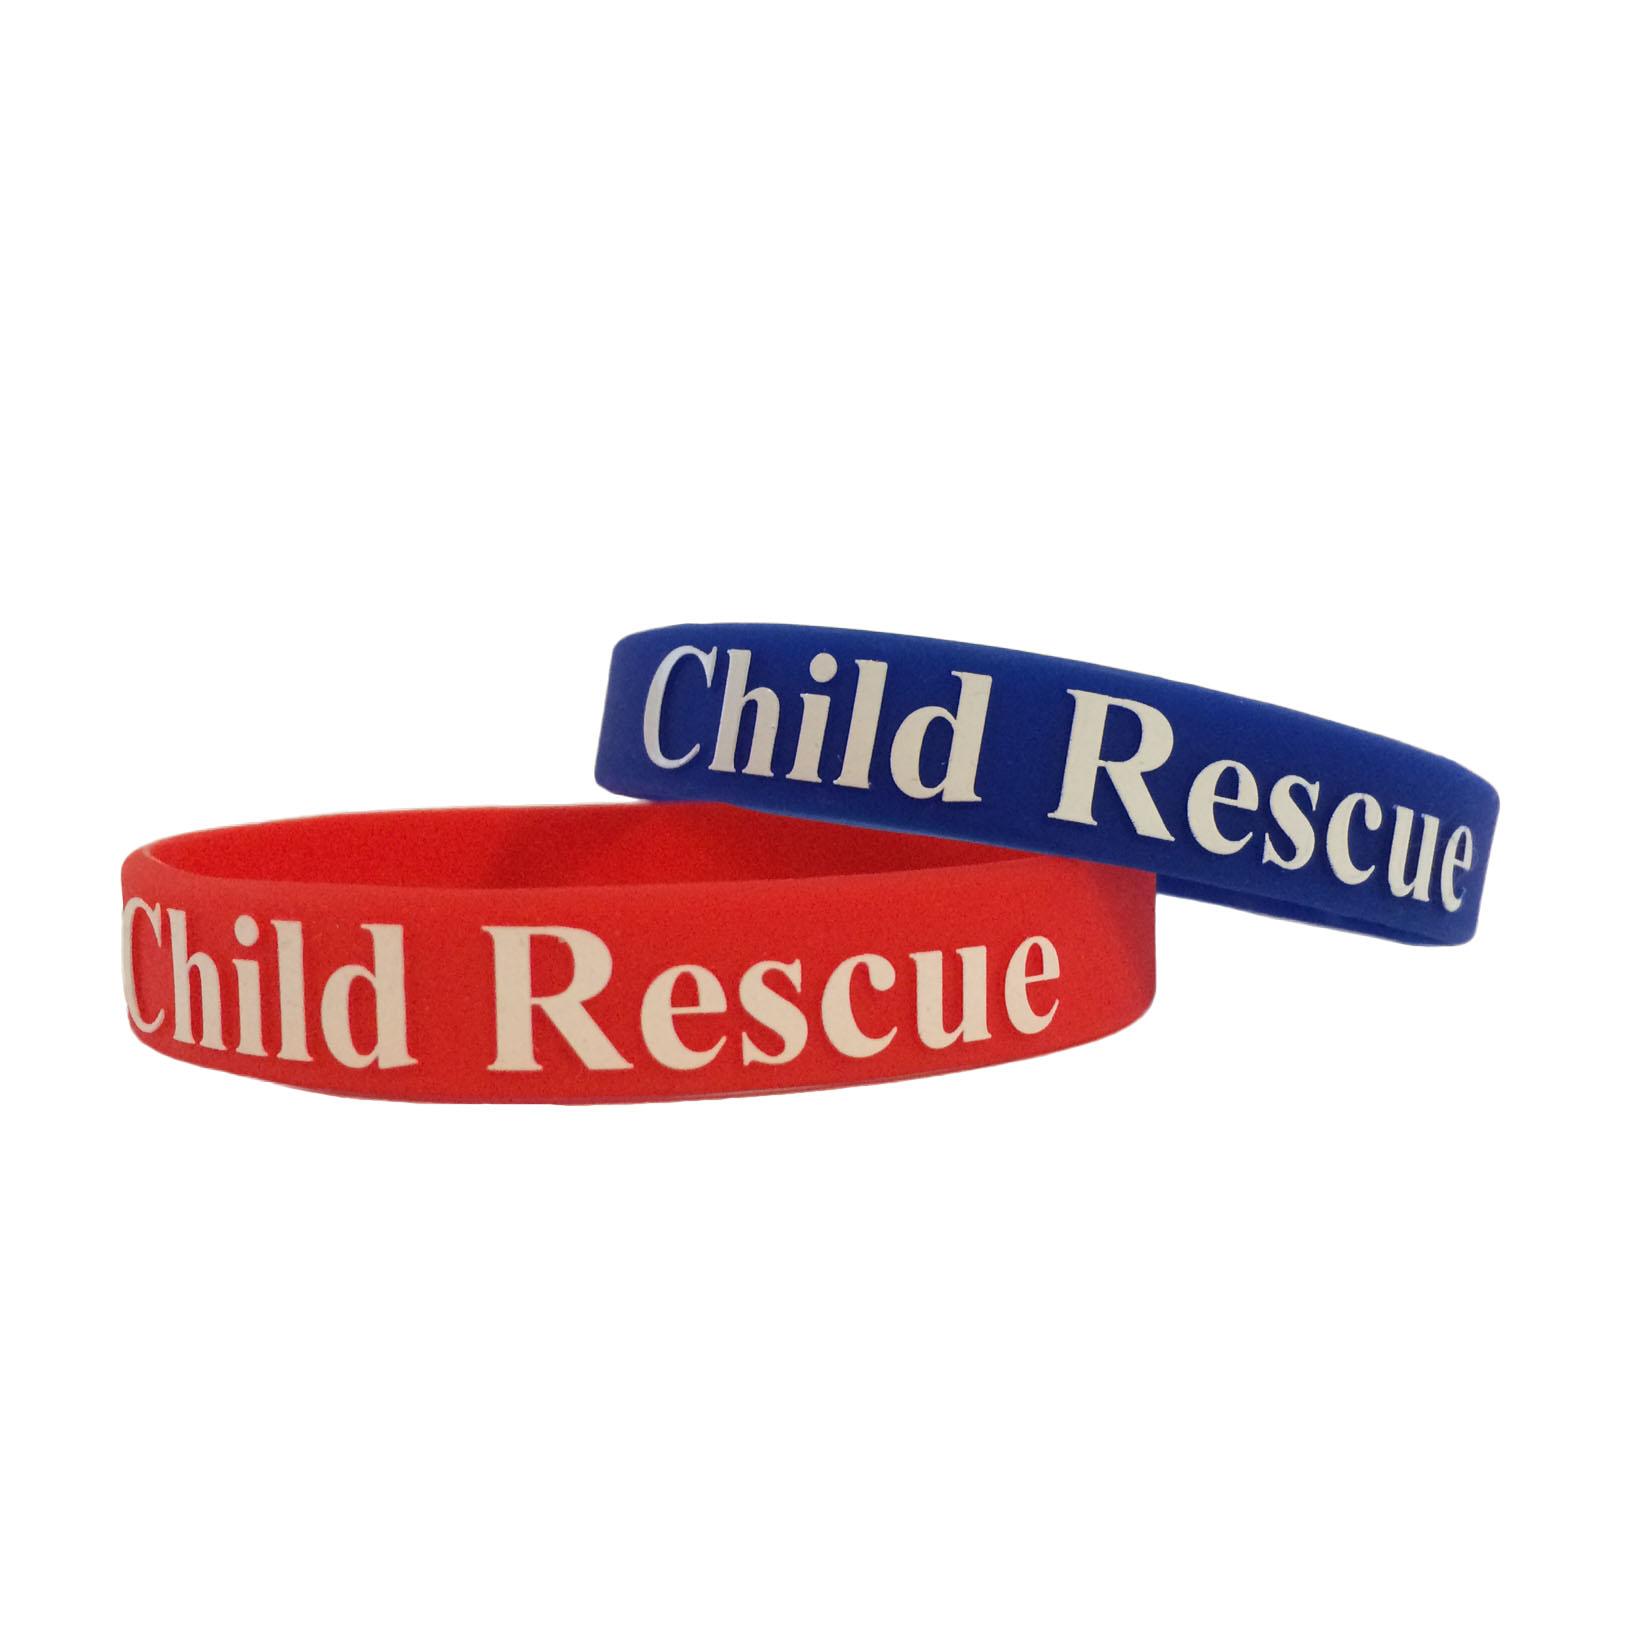 Silicone Wrist Band - Child Rescue Project